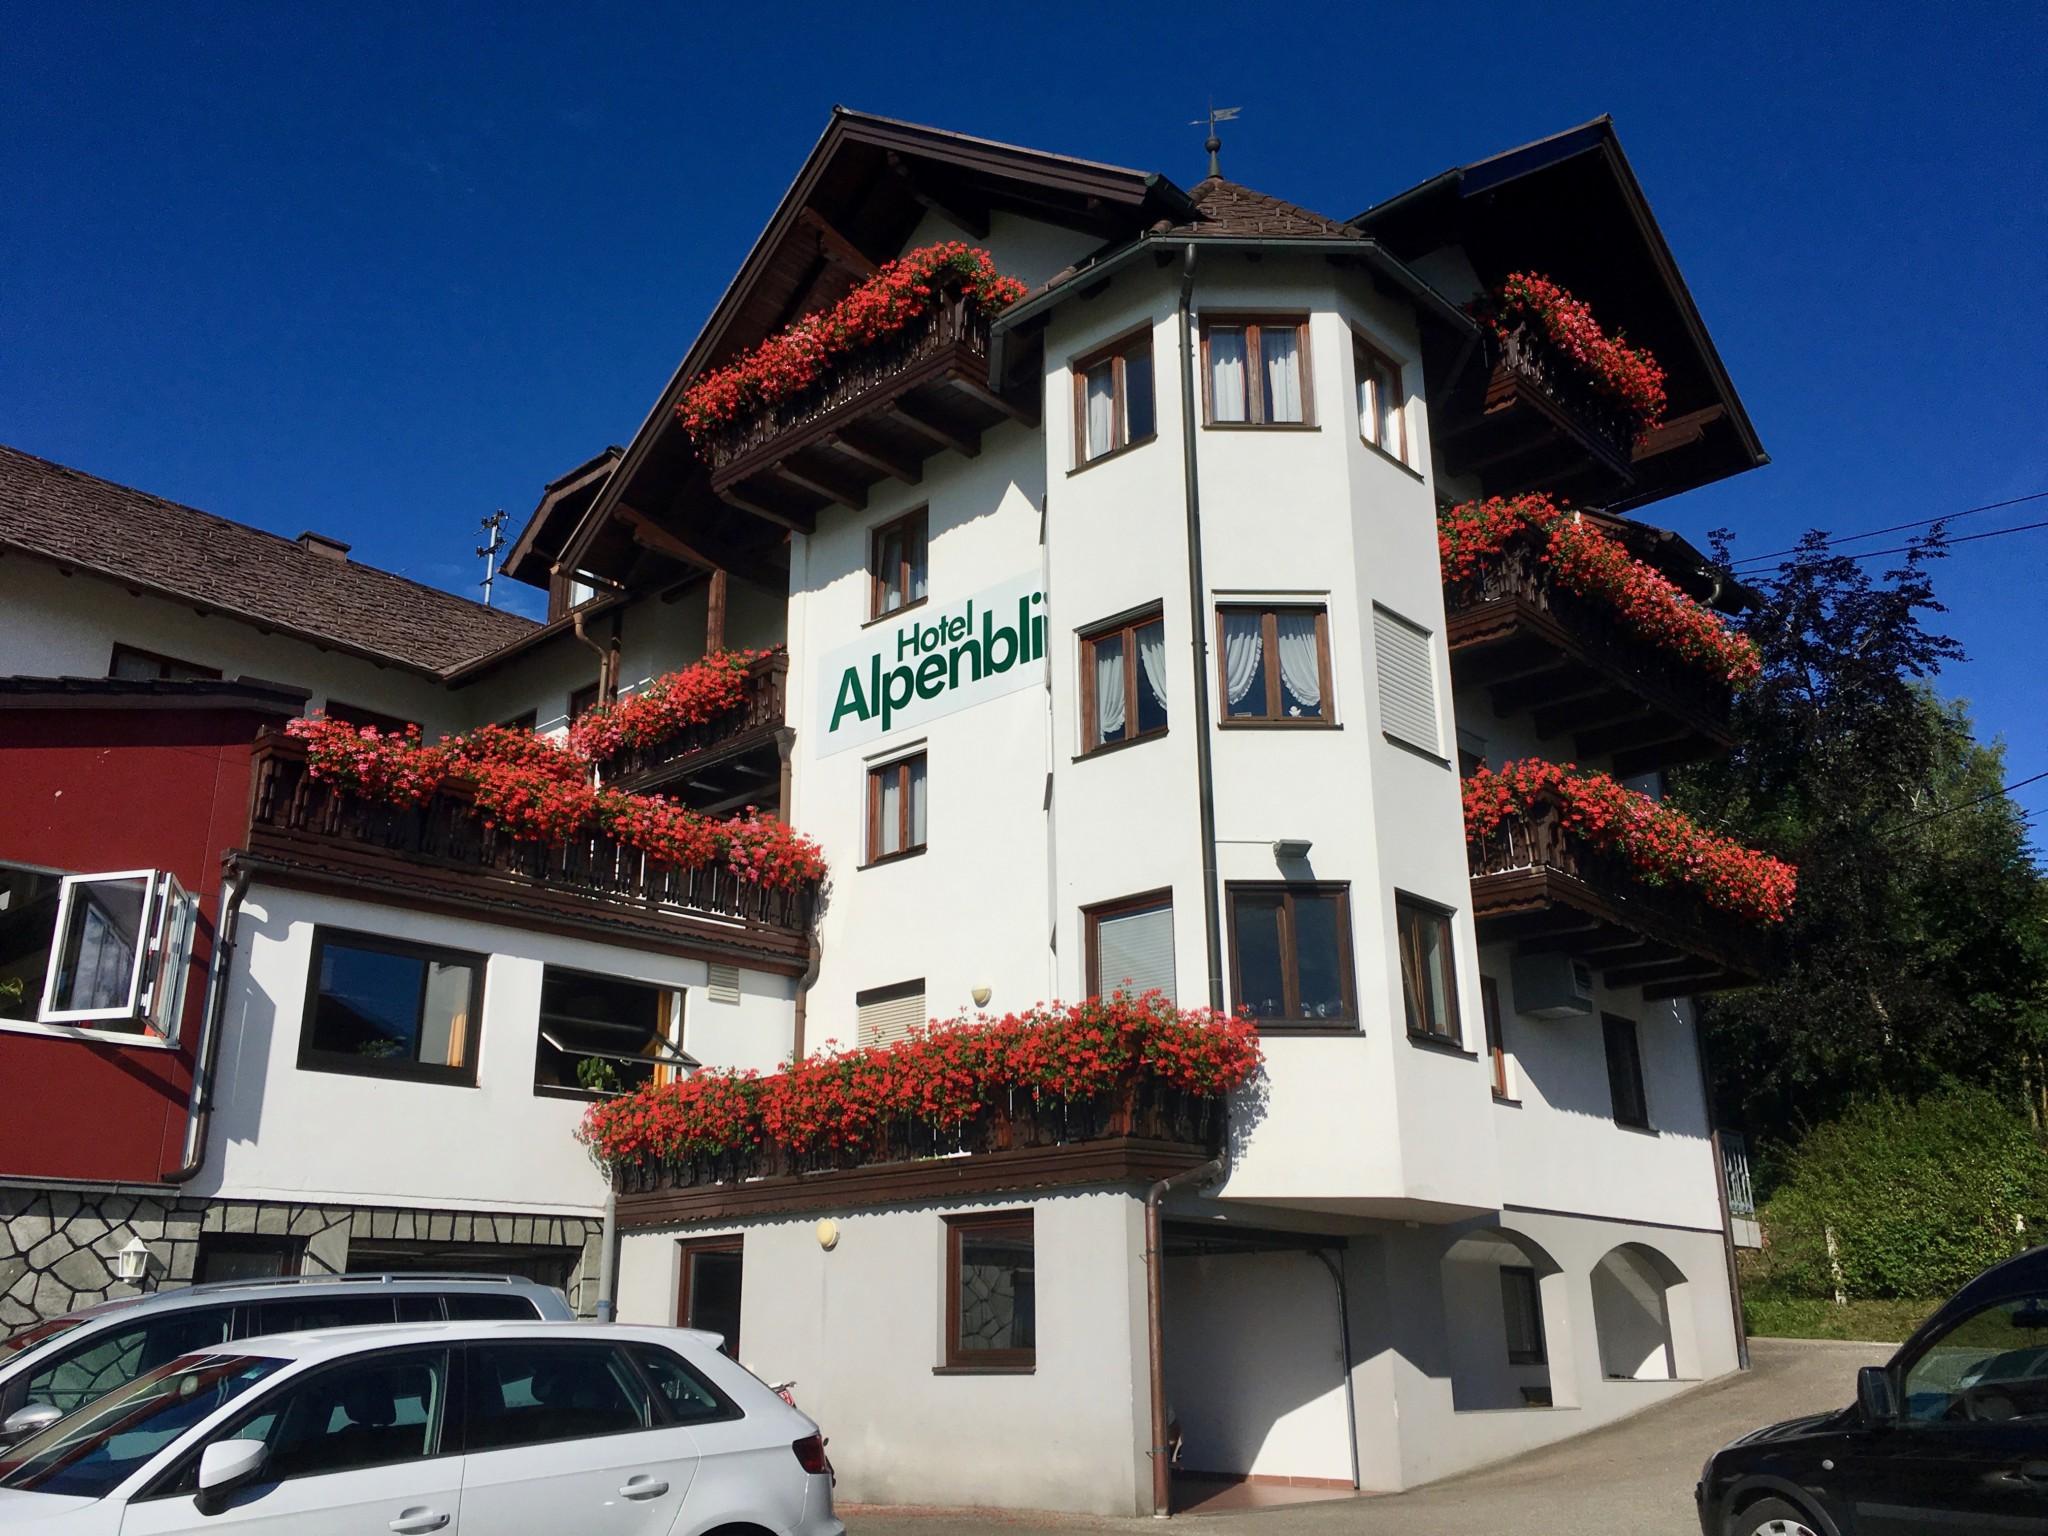 Kurzer Stop in der Fränkischen Alb